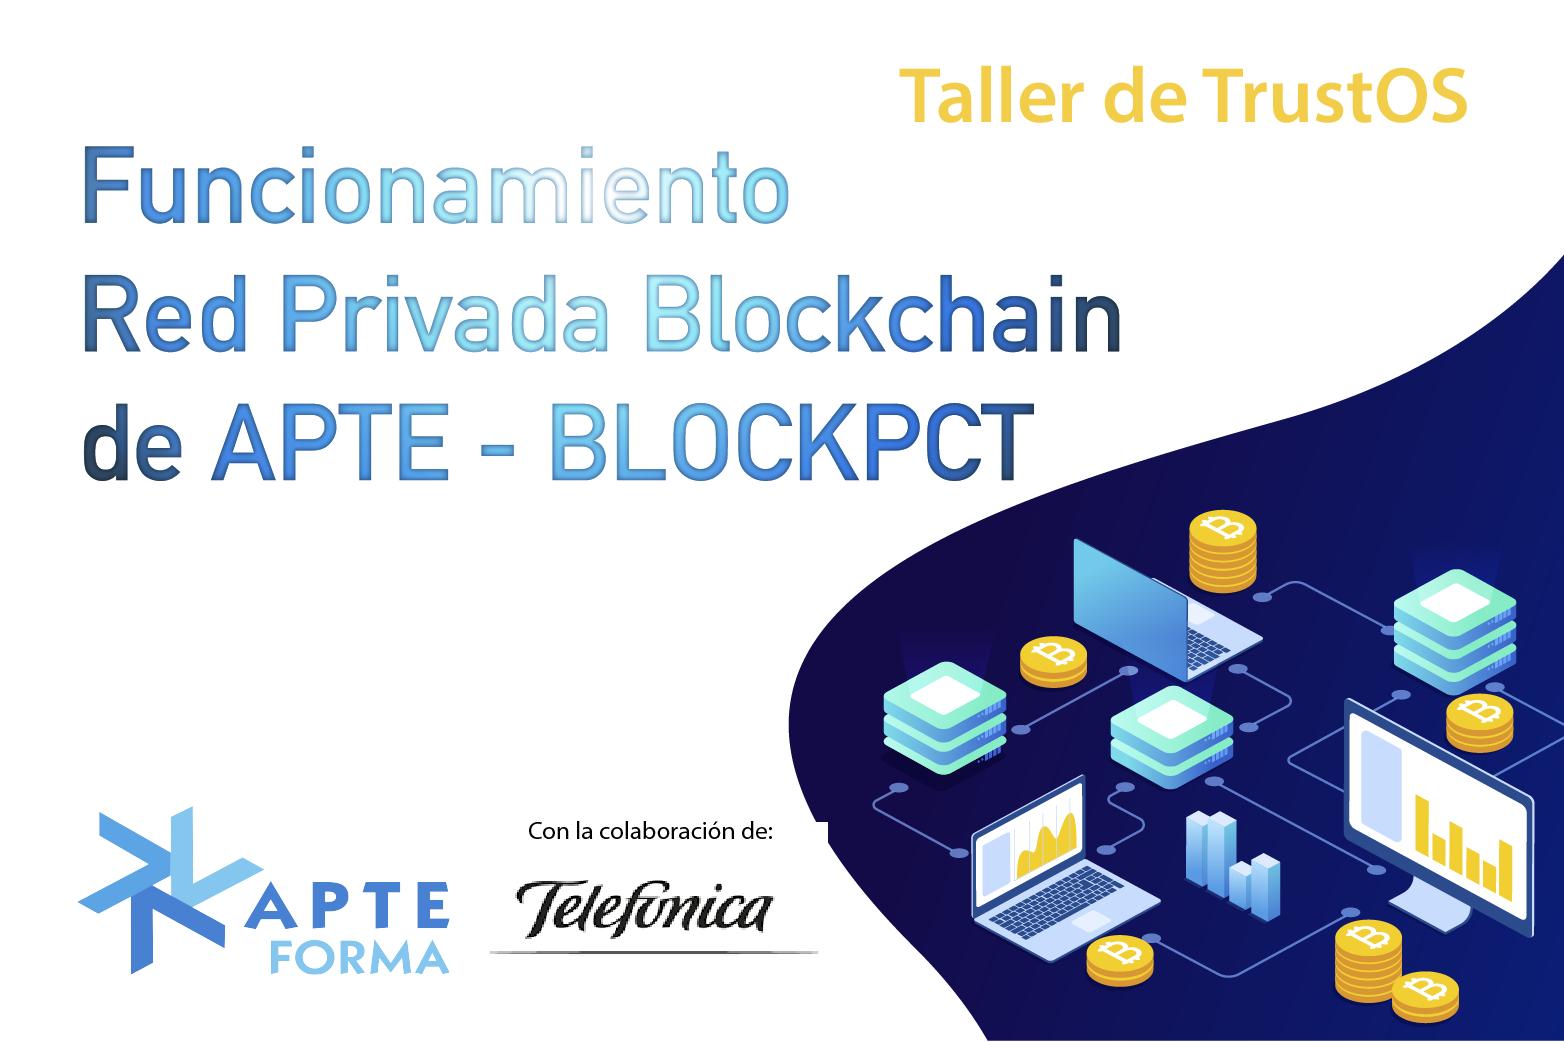 Webinar Taller de TrustOS: Funcionamiento Red Privada Blockchain APTE - BLOCKPCT